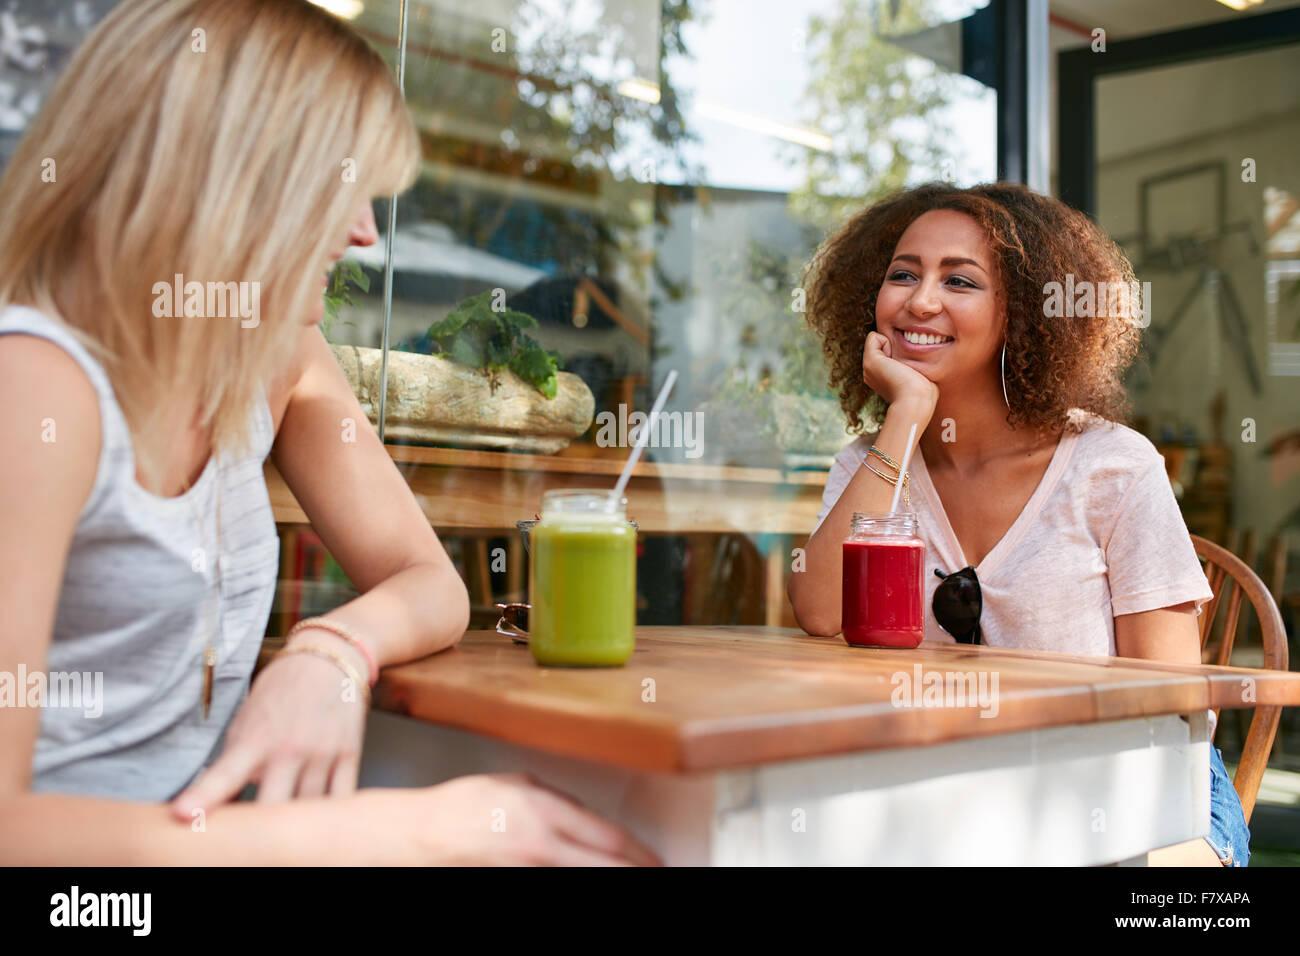 Immagine del giovane africano ragazza seduta con il suo amico a outdoor cafe. Due giovani donne incontro al cafè Immagini Stock